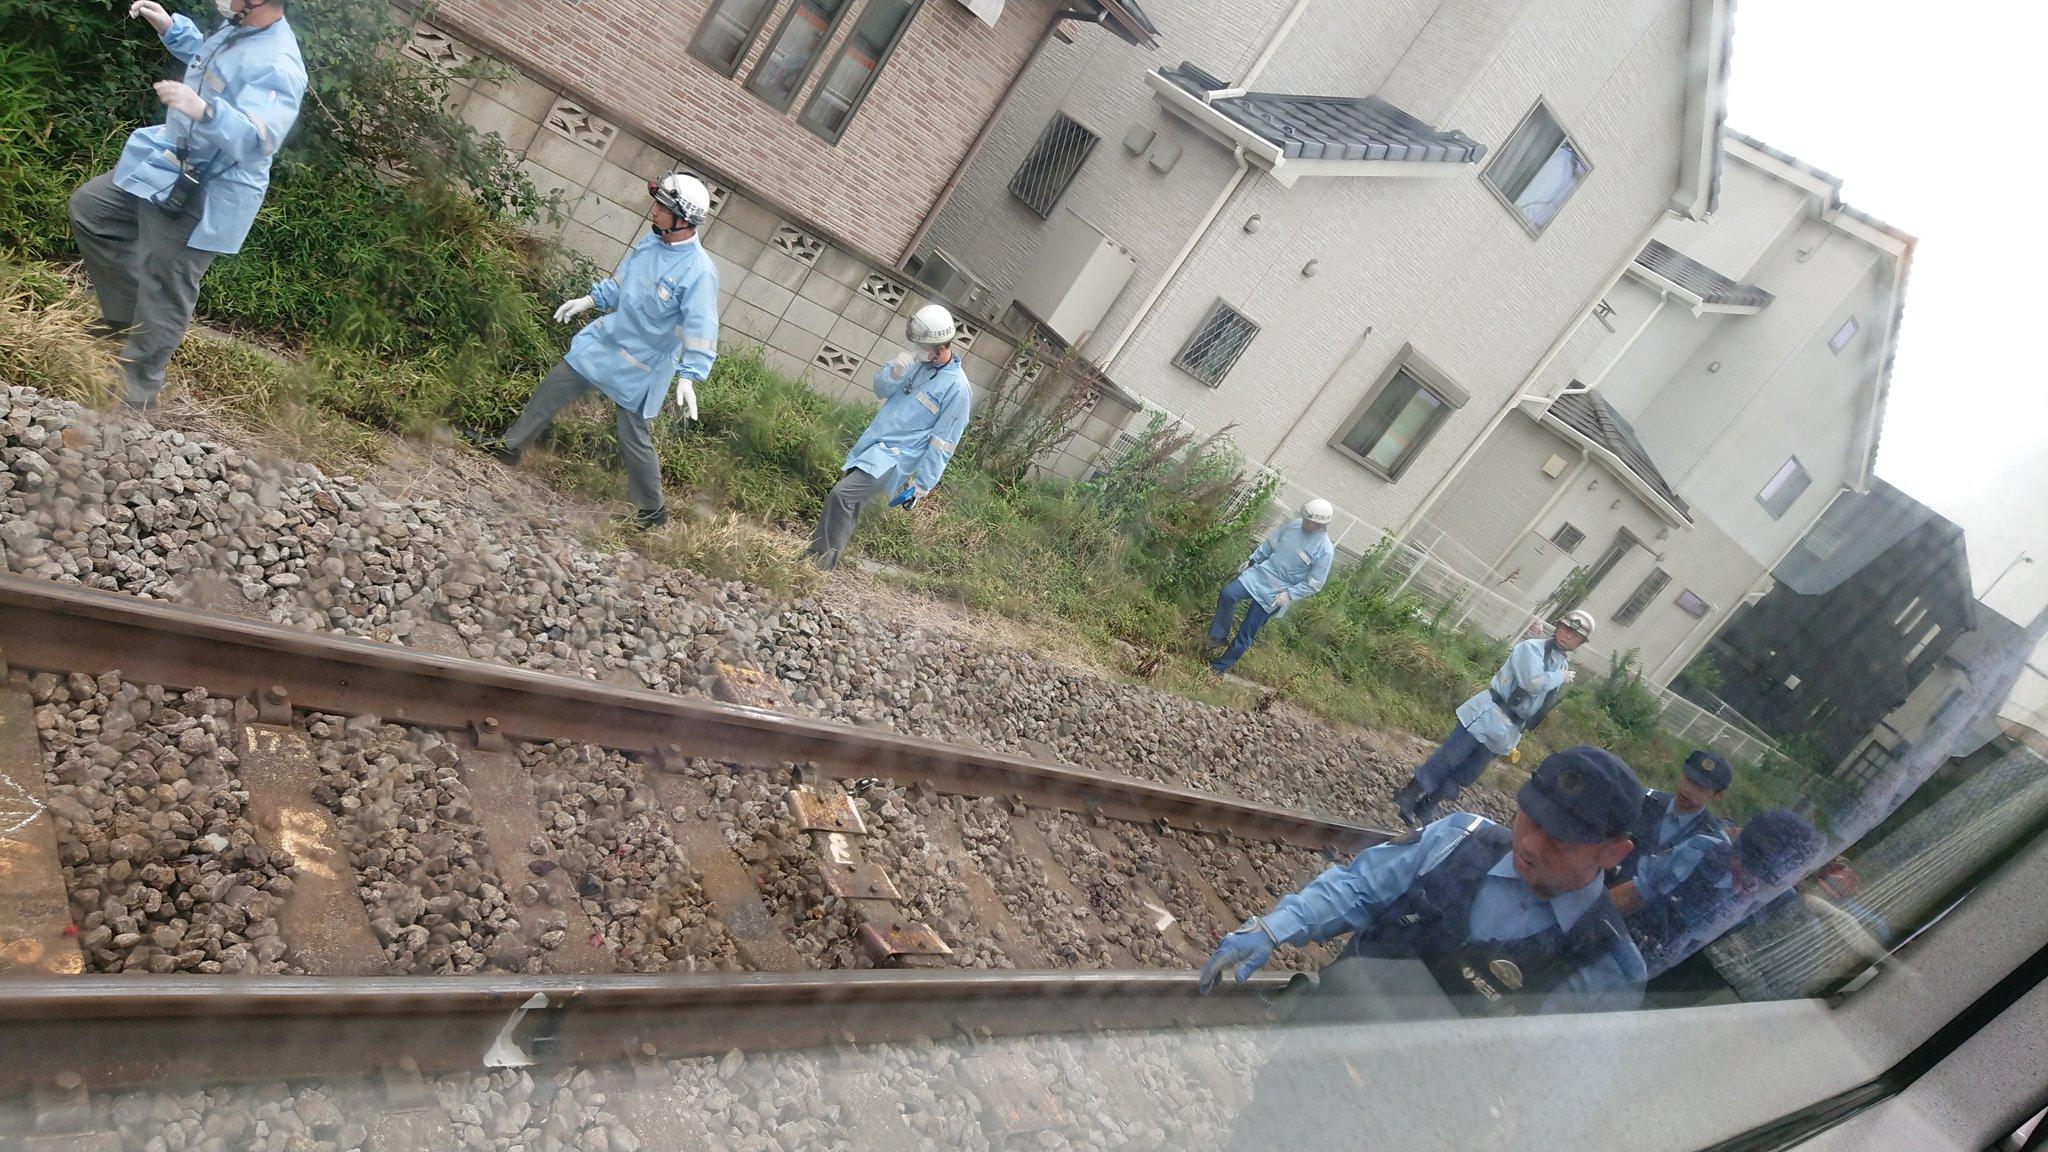 高崎線の桶川駅~北本駅間で人身事故が起きた現場画像